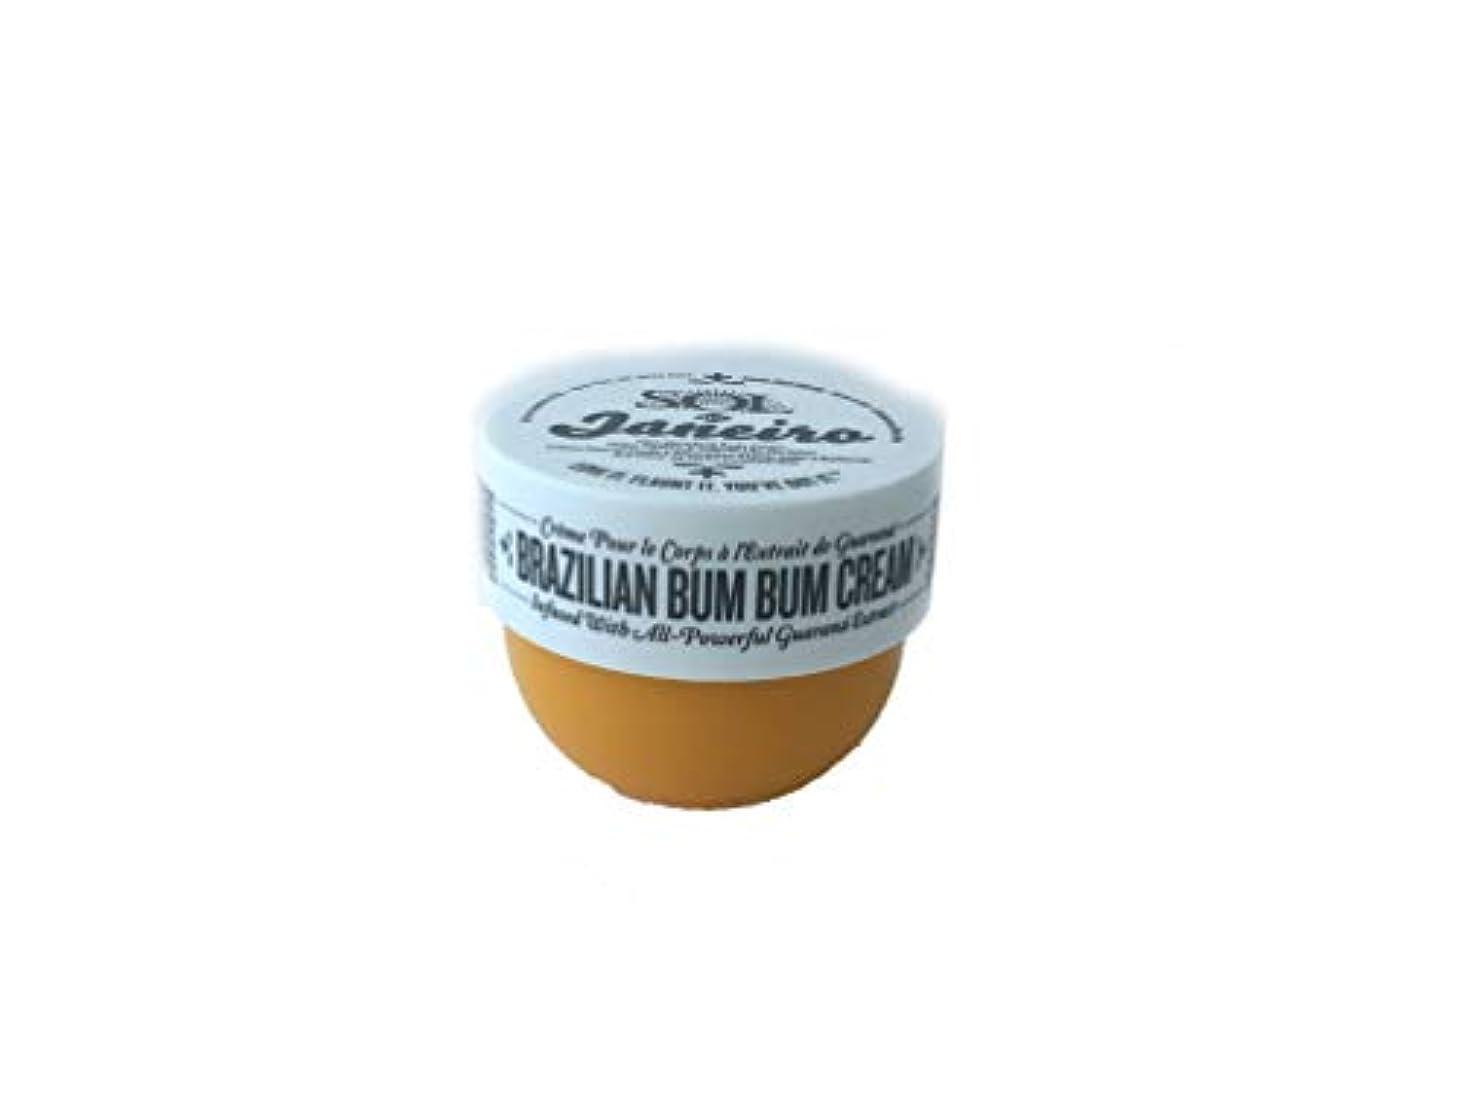 泣き叫ぶかみそり領事館Brazilian BUM BUM Cream 25ml トライアルサイズ【並行輸入品】